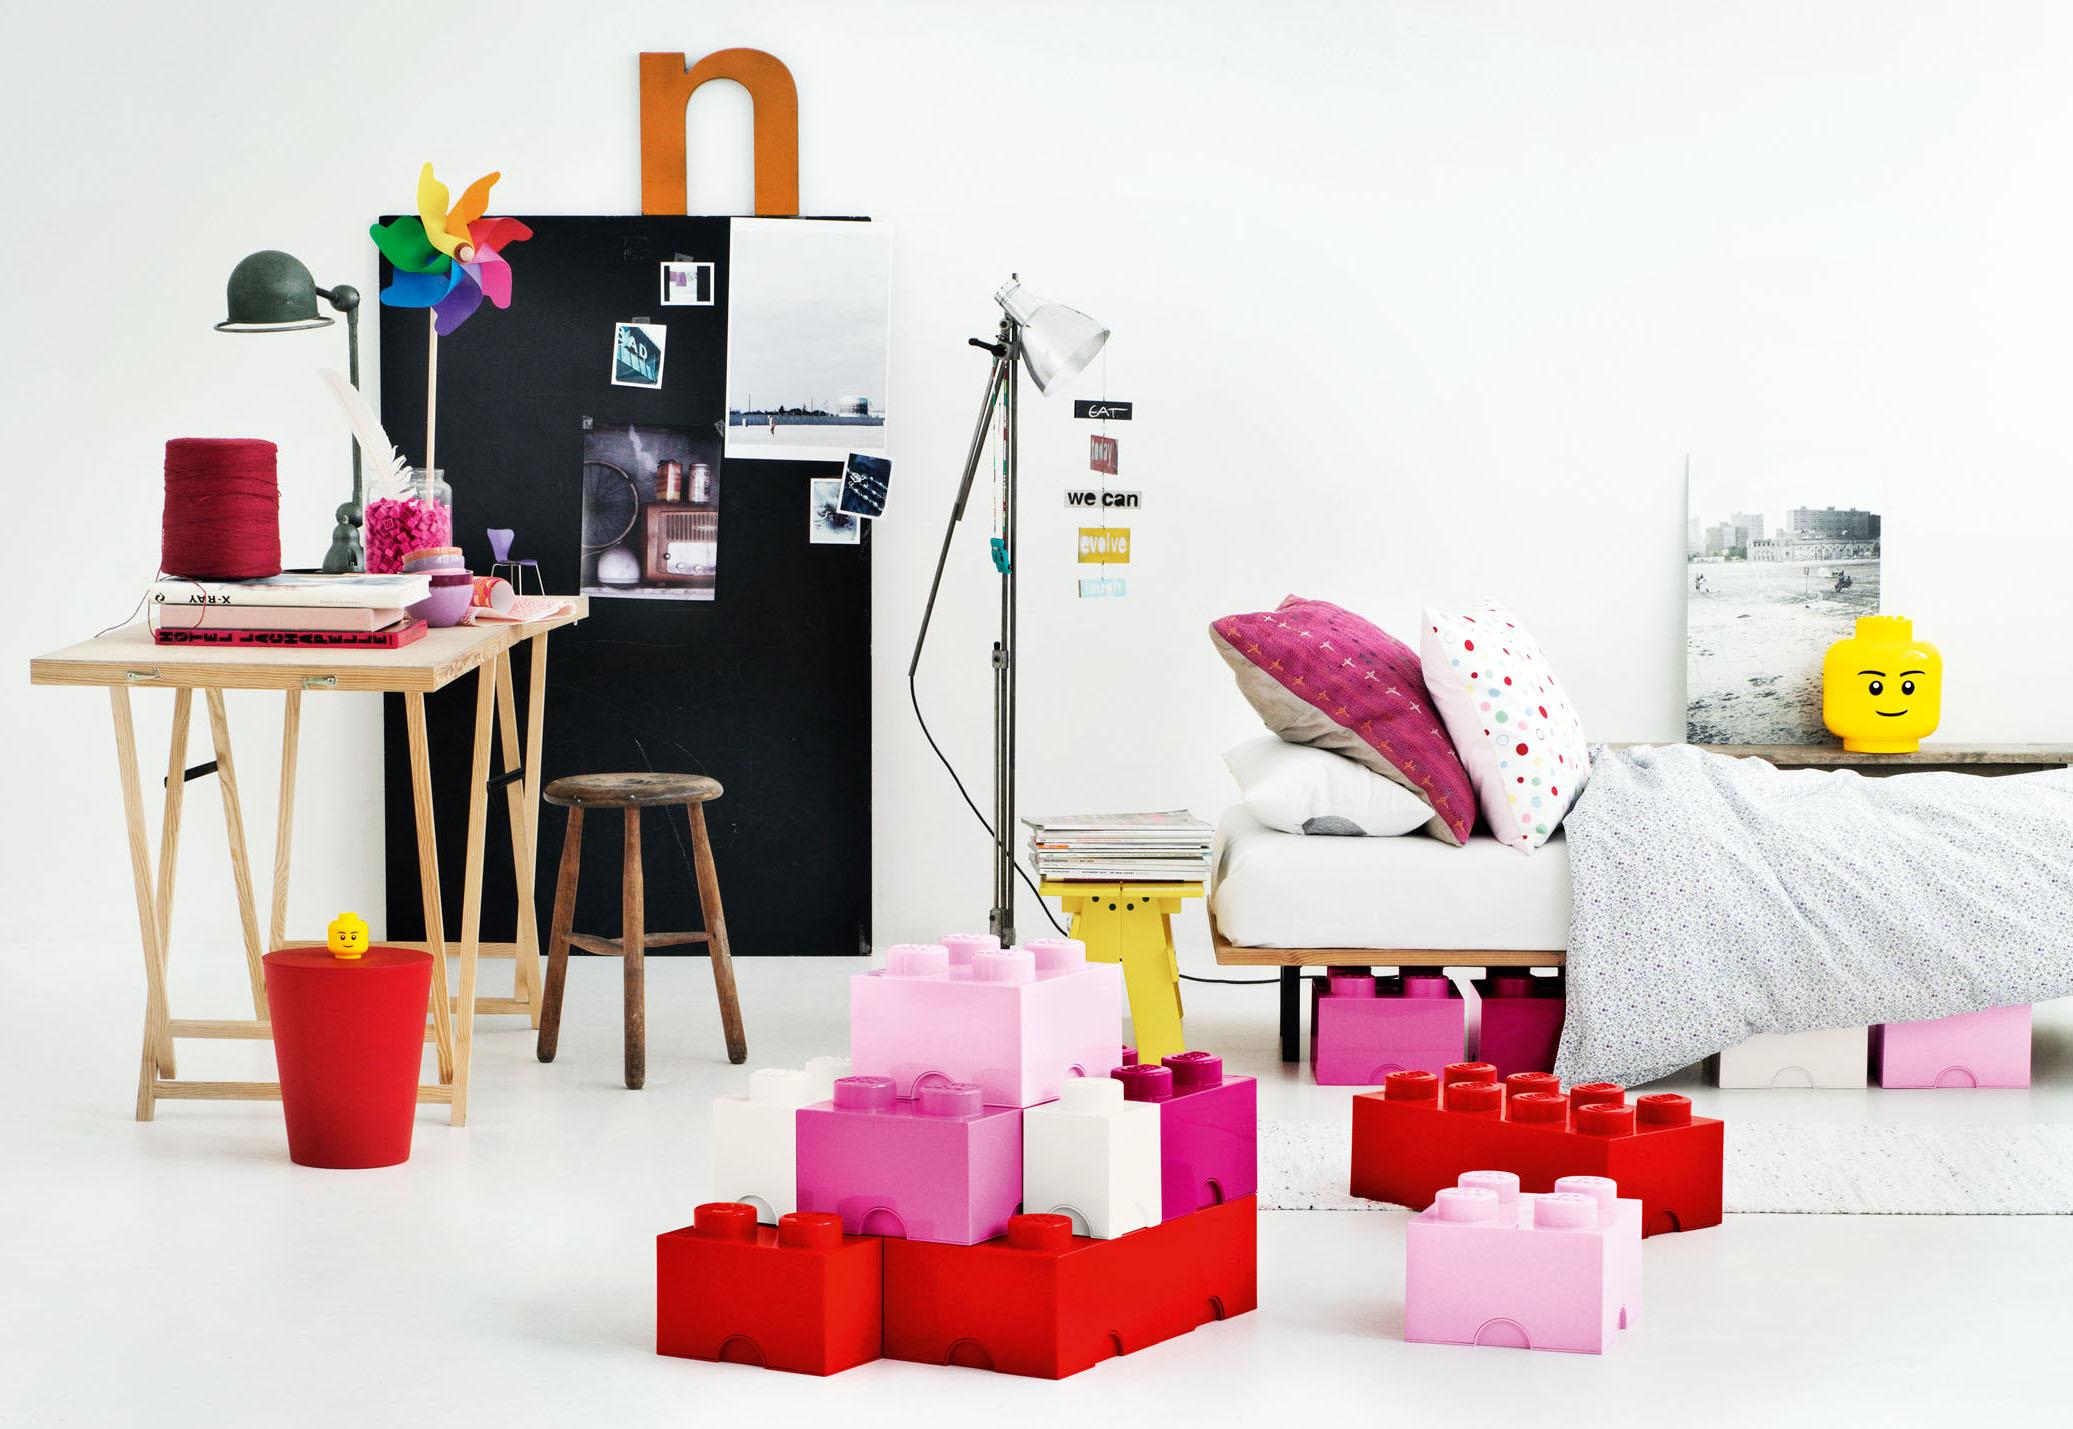 lego-storage-boxes